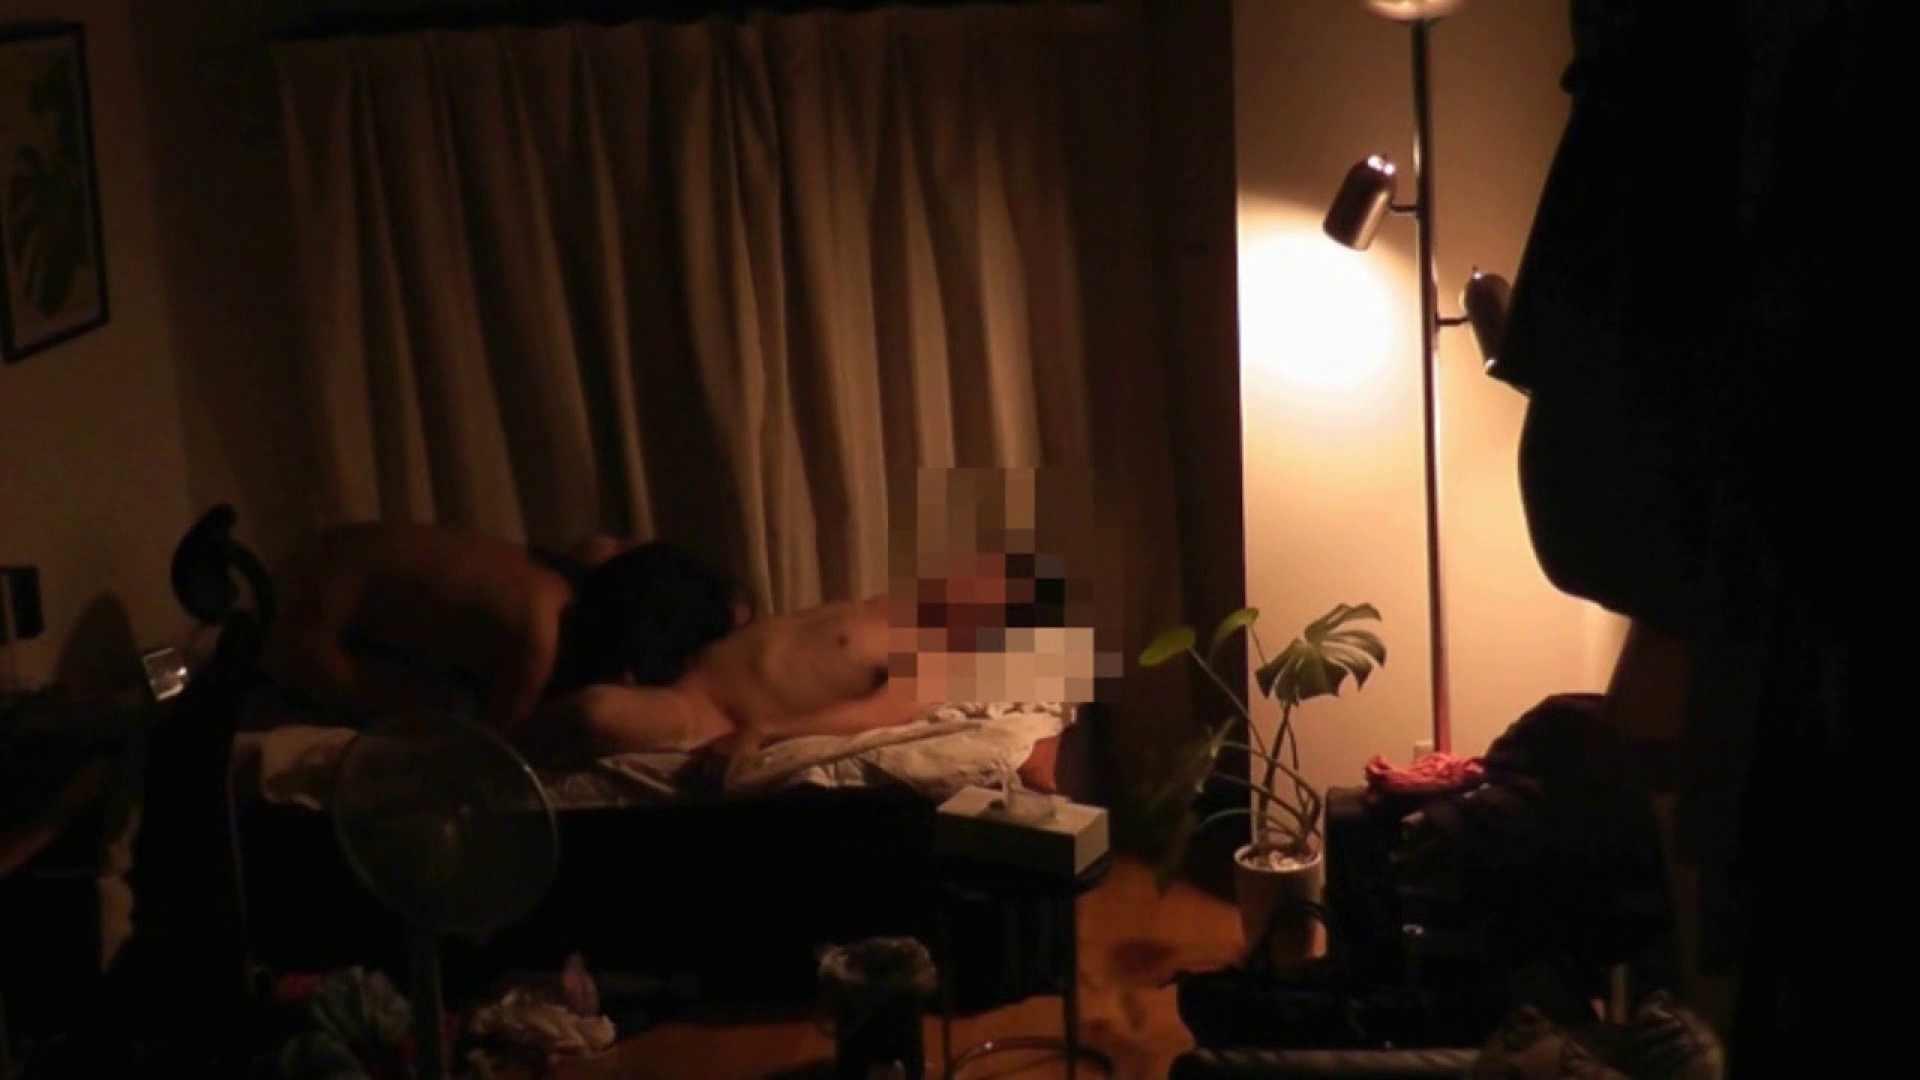 美女だらけのプライベートSEXvol.1 OLの裸事情 オマンコ無修正動画無料 107枚 47